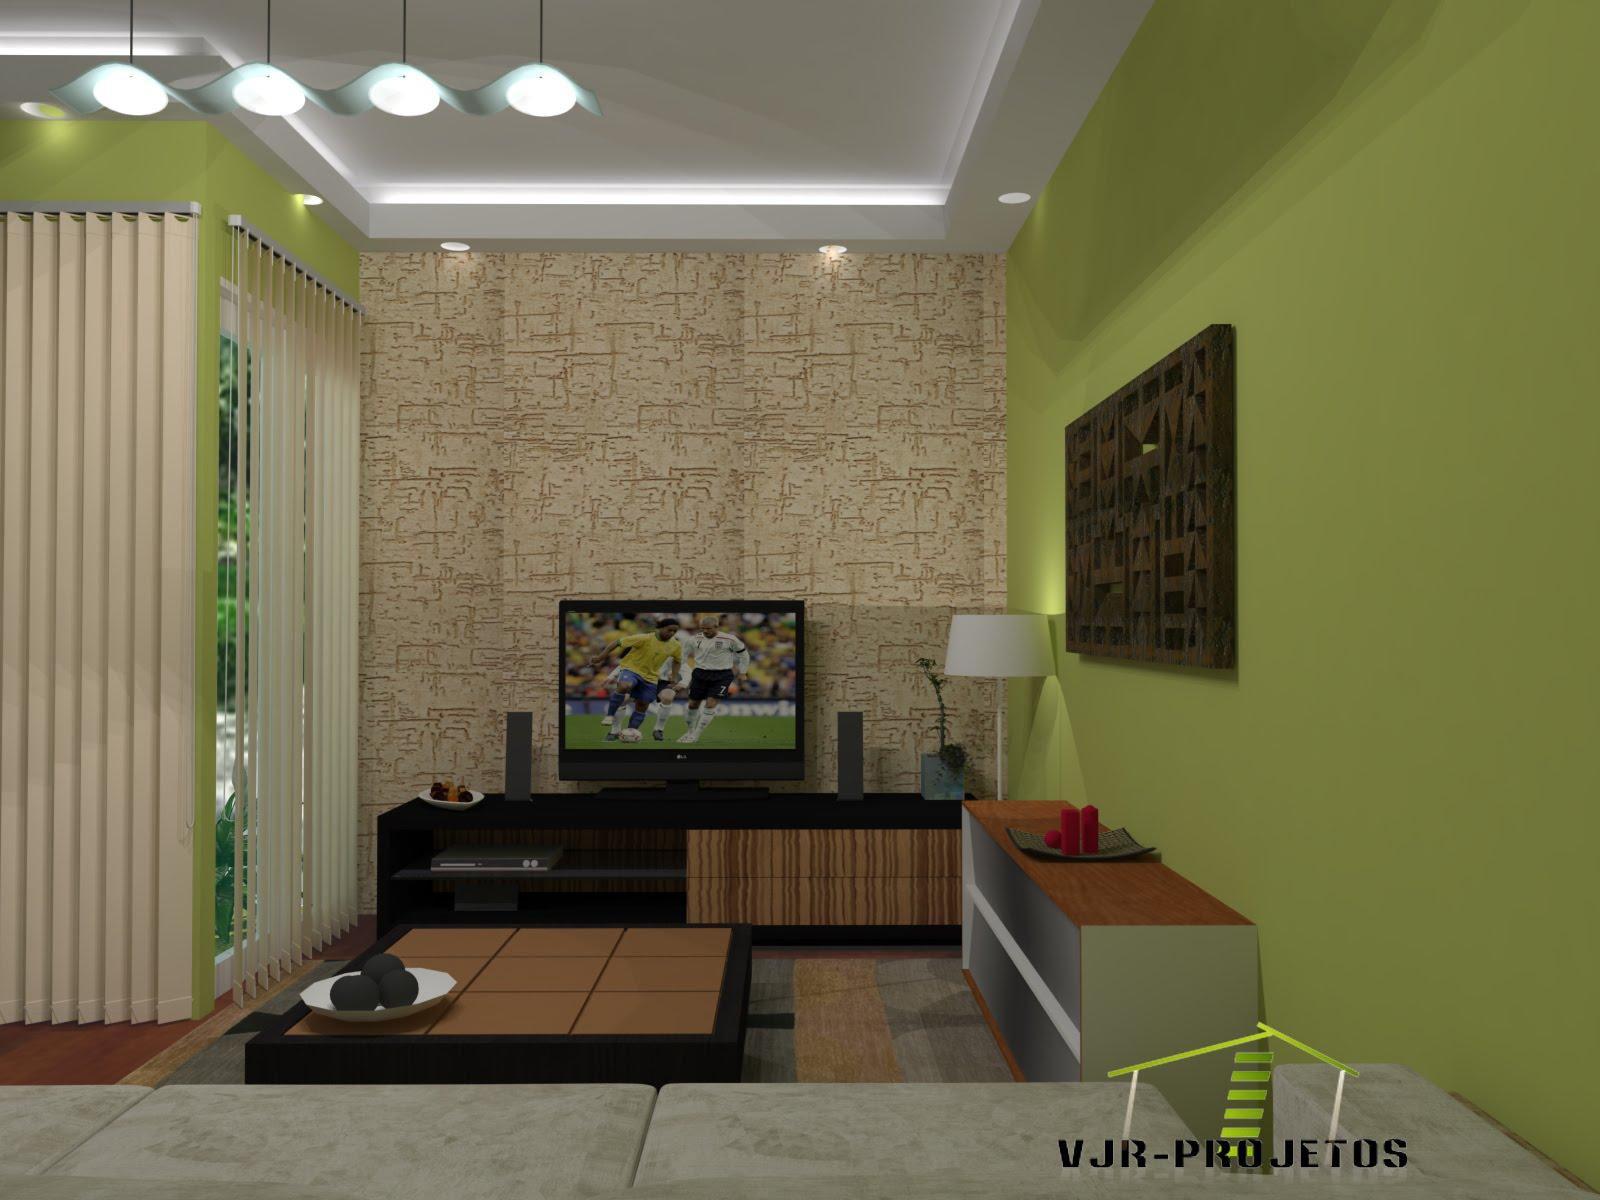 Sala TV / Sala Conjugada com Sala de Jantar / Sketchup   V ray #92AB20 1600 1200